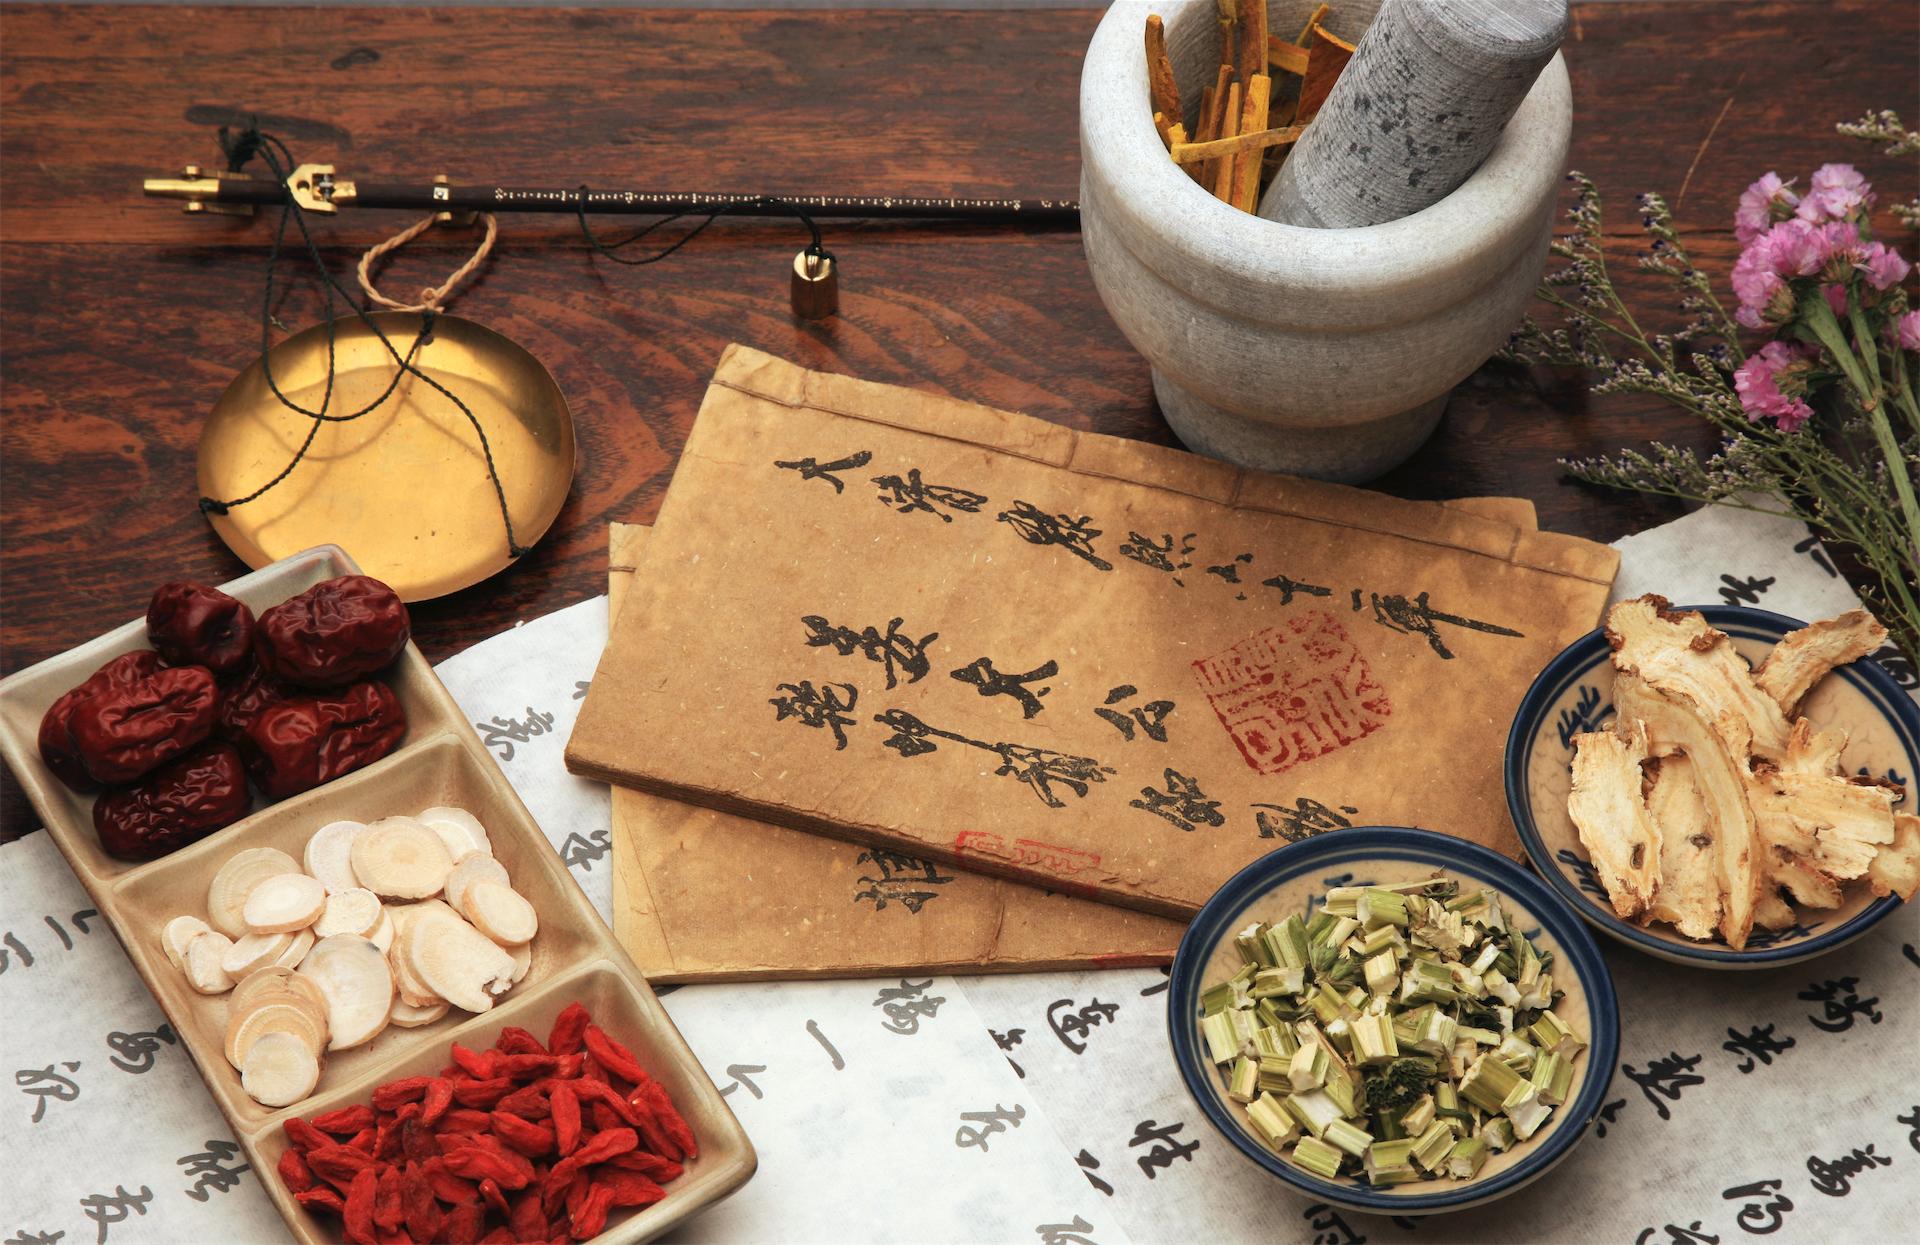 Jak wzmocnić układ pokarmowy wg medycyny chińskiej?